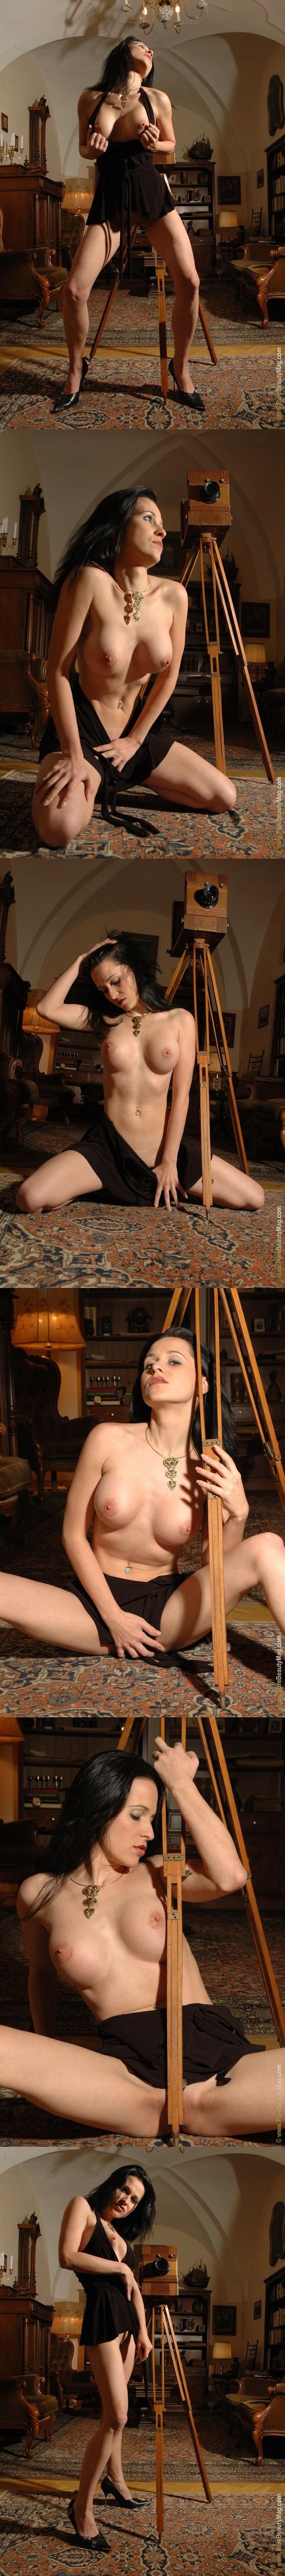 PureBeautyMag PBM  - 2006-01-27 - #s173734 - Andrea - Camera Eye - 3008px